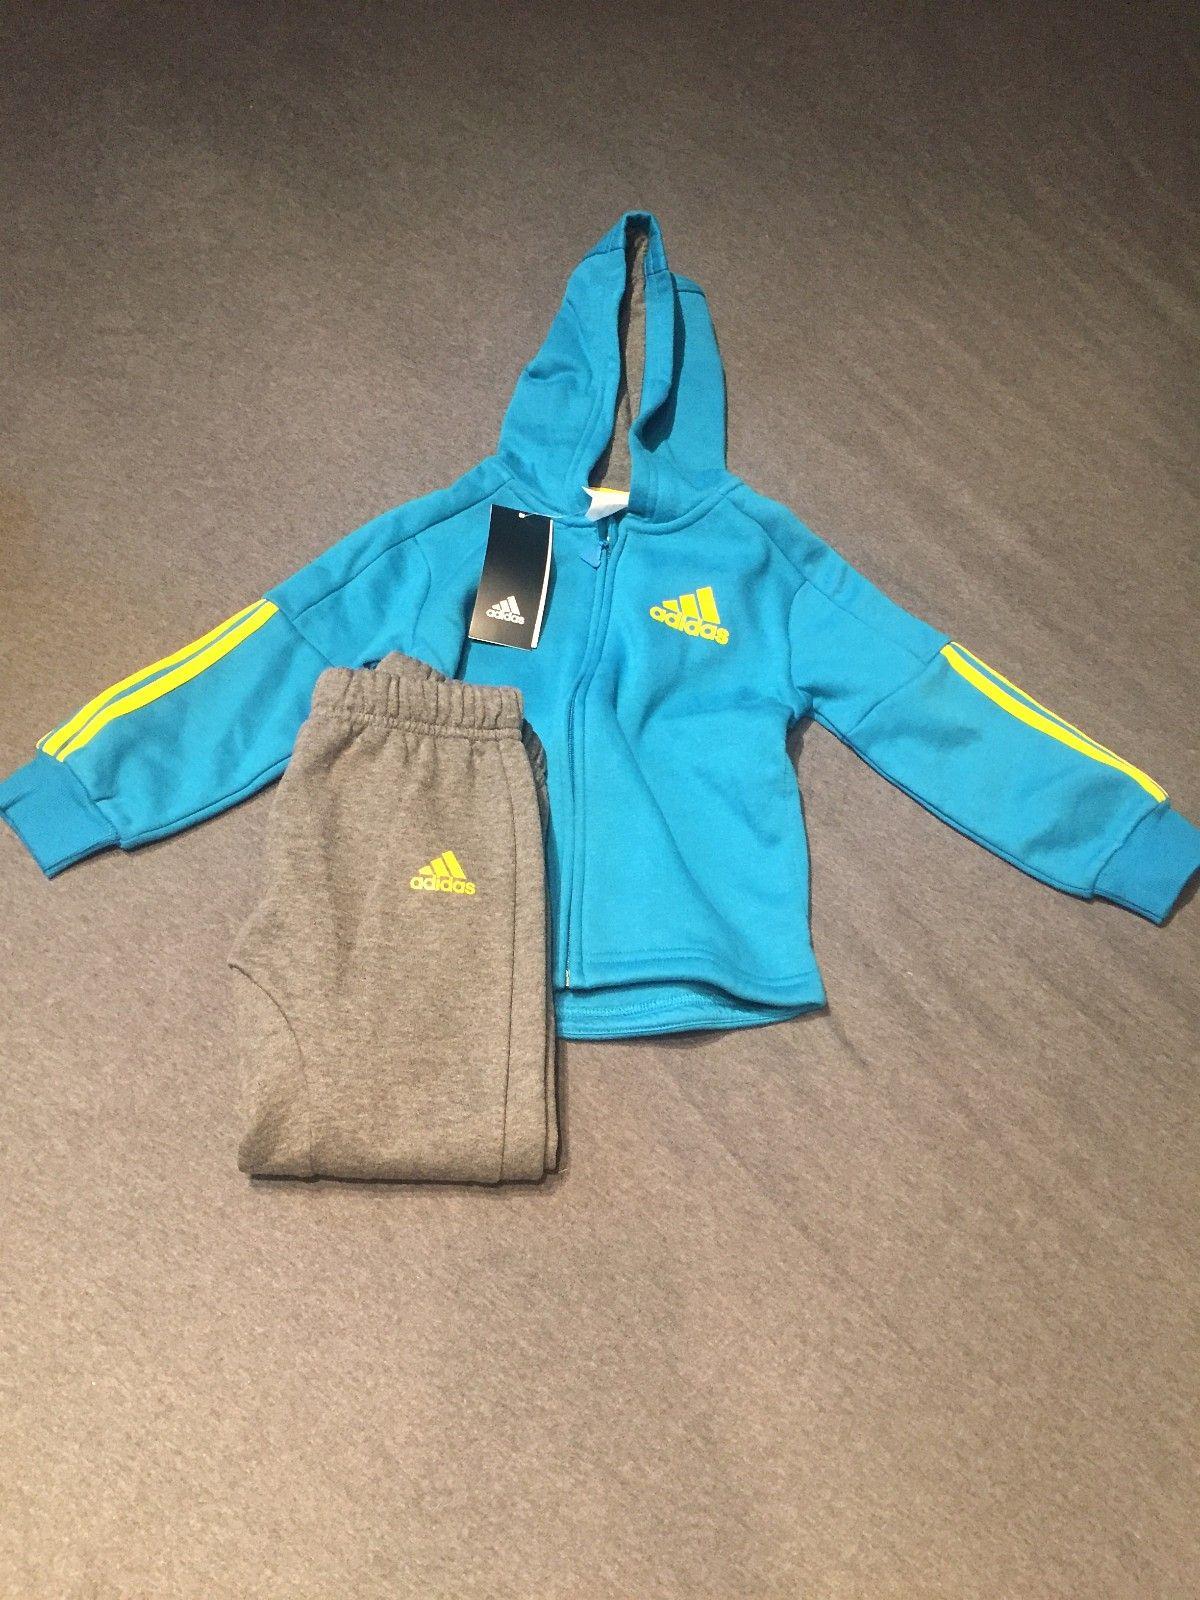 7a36c306 Adidas joggedress tilsalgs | FINN.no